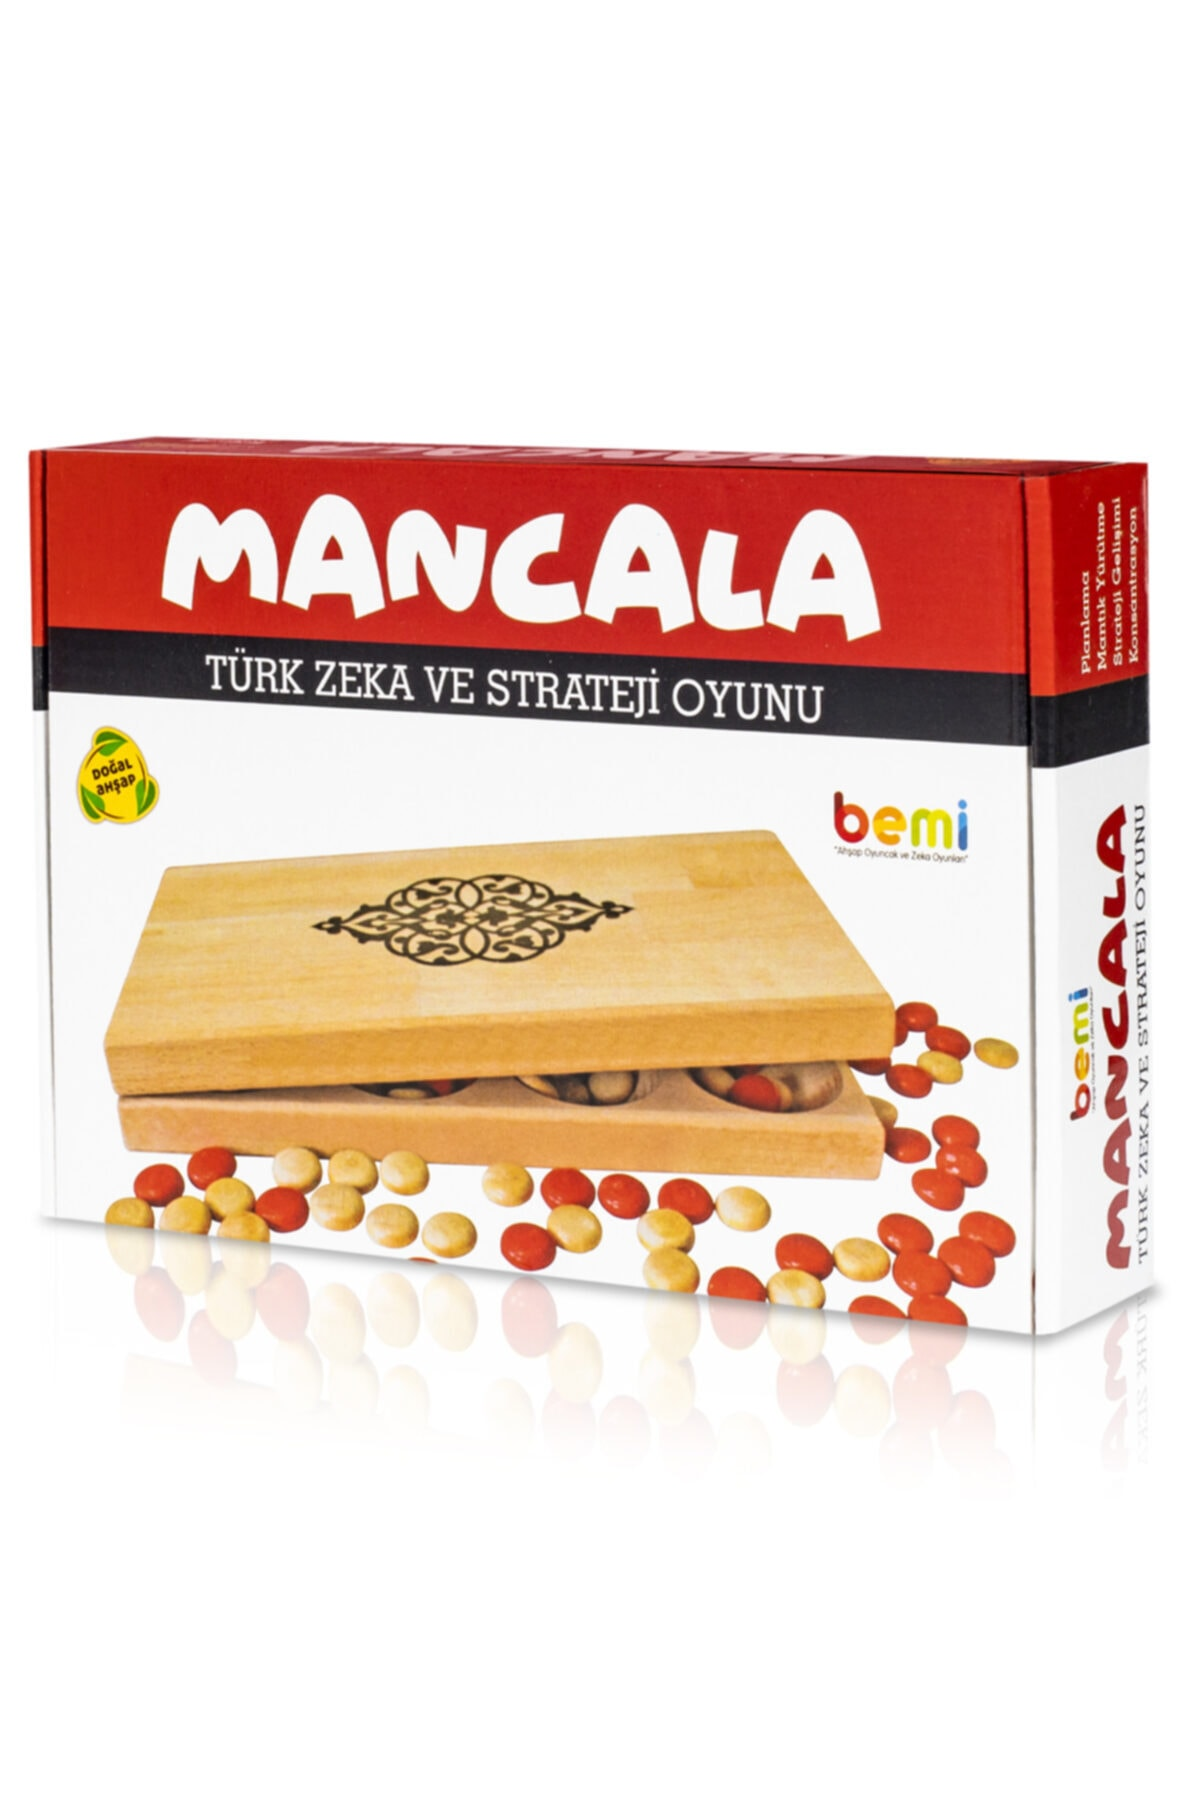 BEMİ Lüks Doğal Ahşap Kapaklı Mangala - Zeka Eğitici Strateji Çocuk ve Aile Oyunu 2